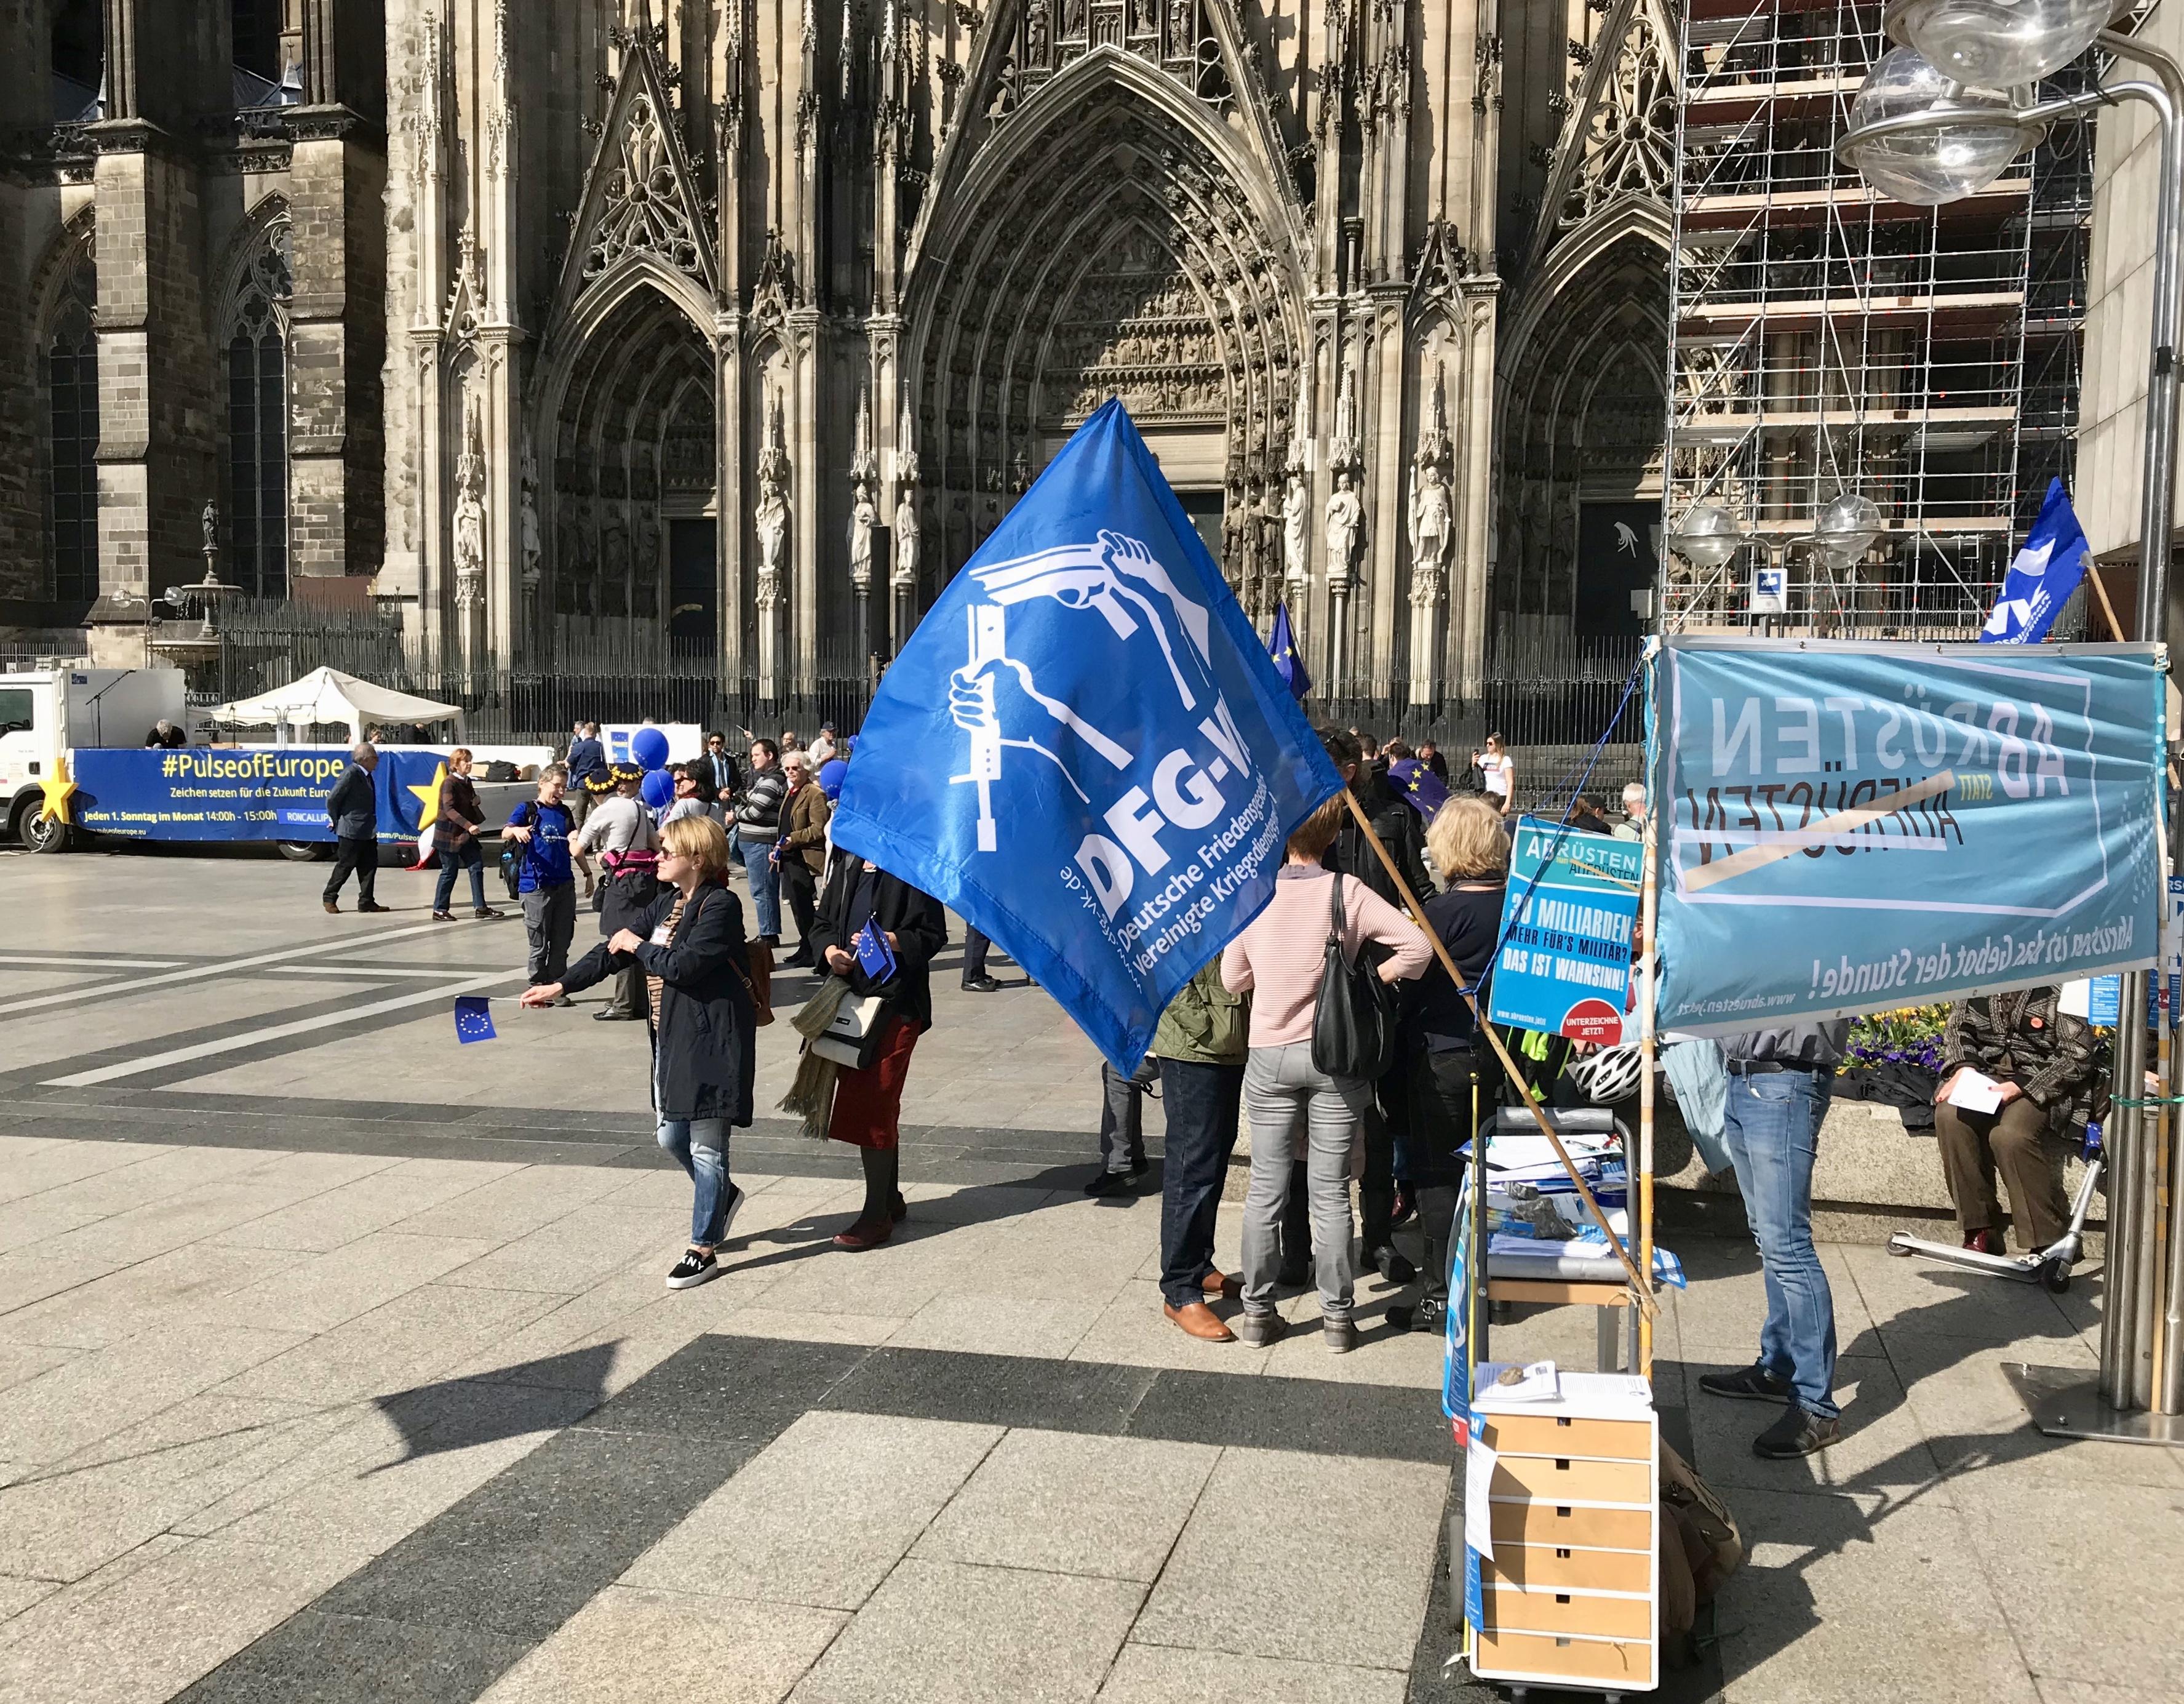 Ein kleiner Infotisch mit Transparenten und der DFG-VK-Flagge. Dahinter die Bühne von Pulse of Europe und das Seitenportal des Kölner Doms.